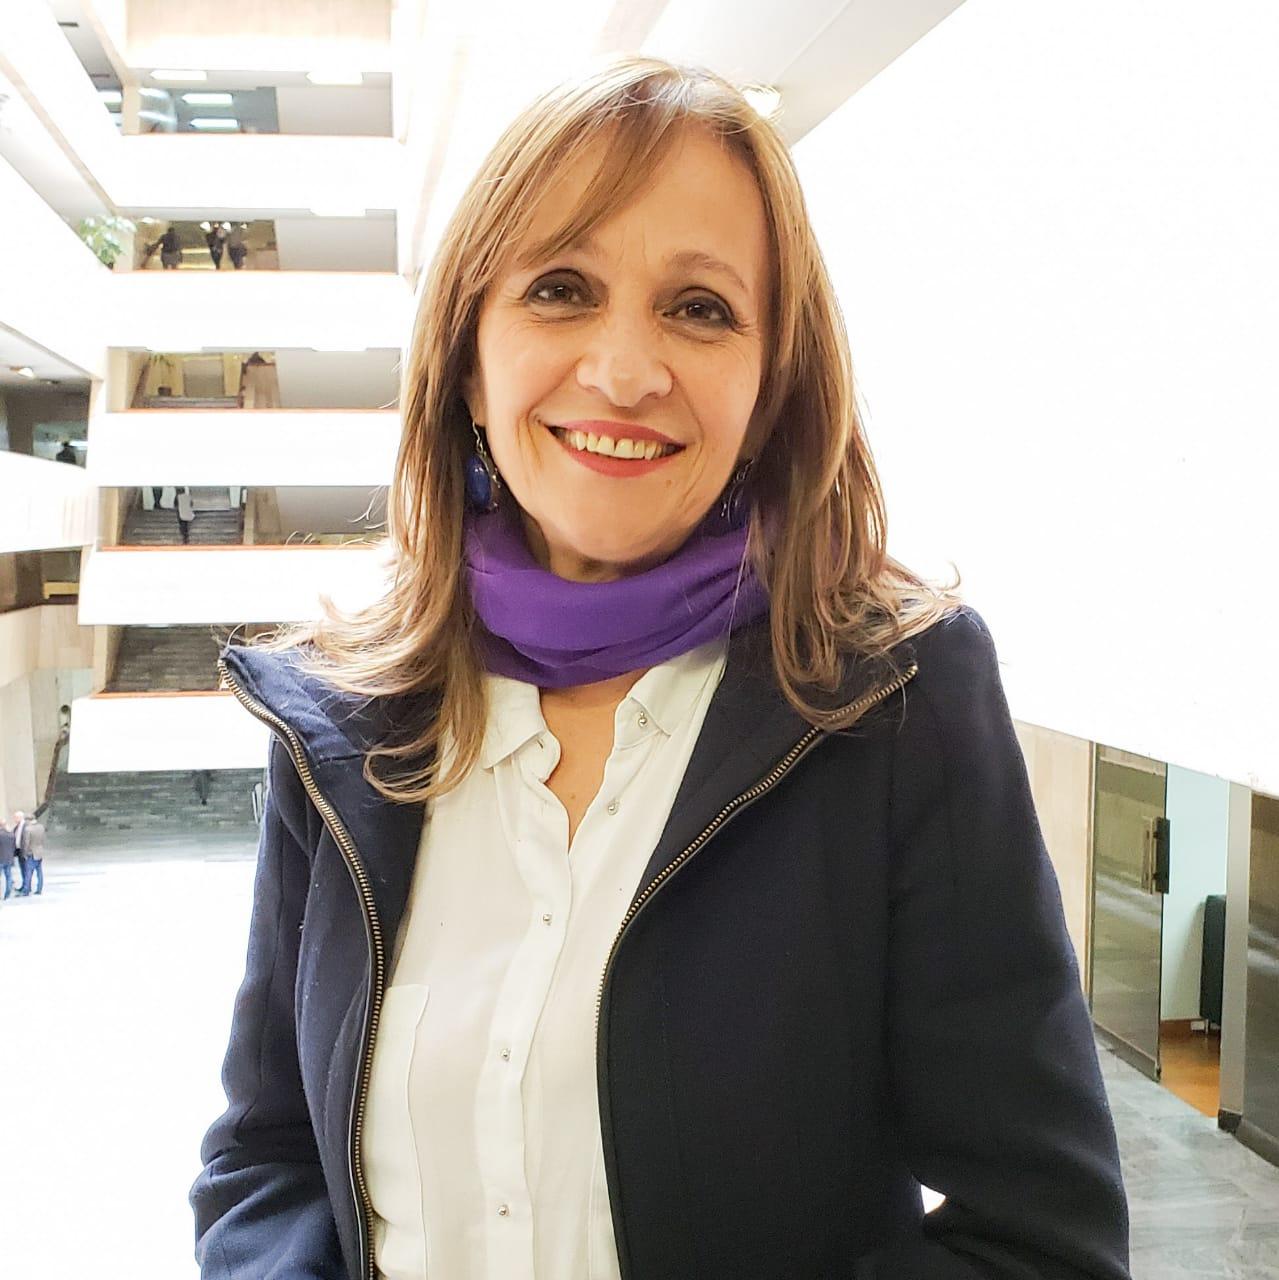 Ángela María Robledo regresa al congreso por orden del Consejo de Estado, que le devuelve la curul